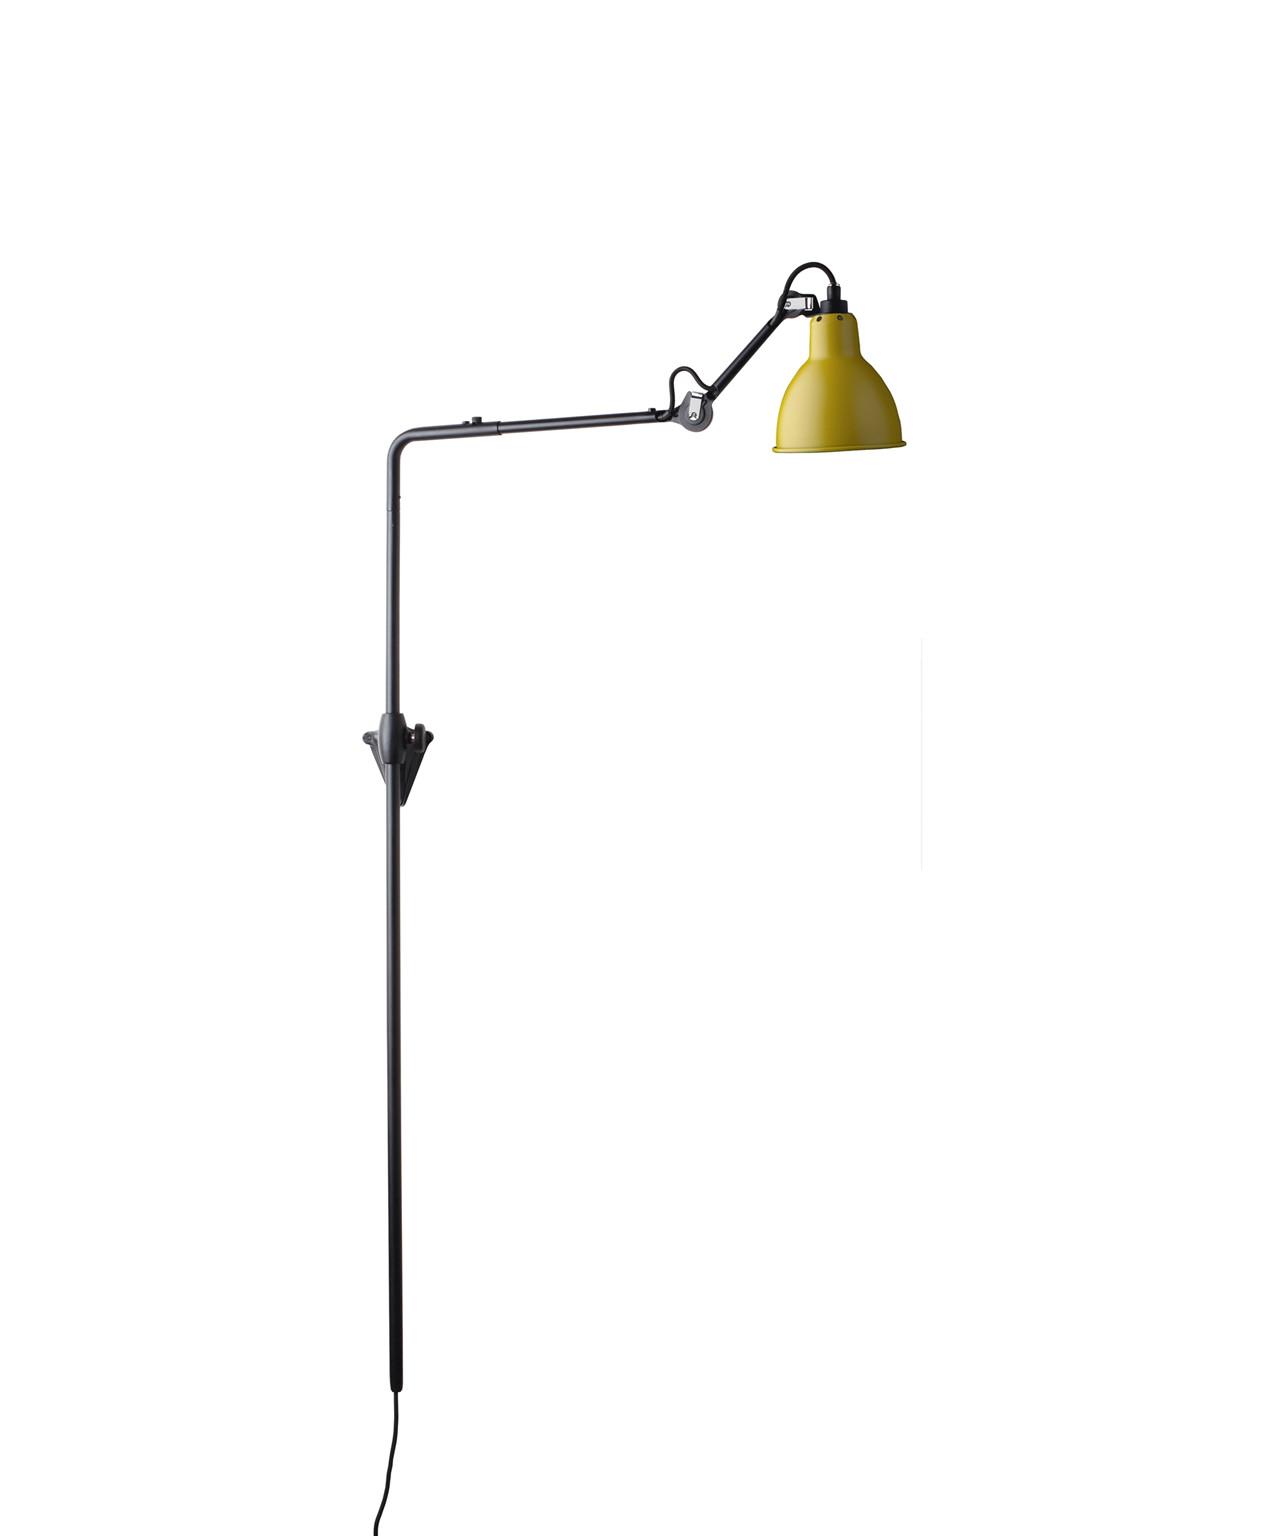 216 V u00e6glampe Gul Lampe Gras